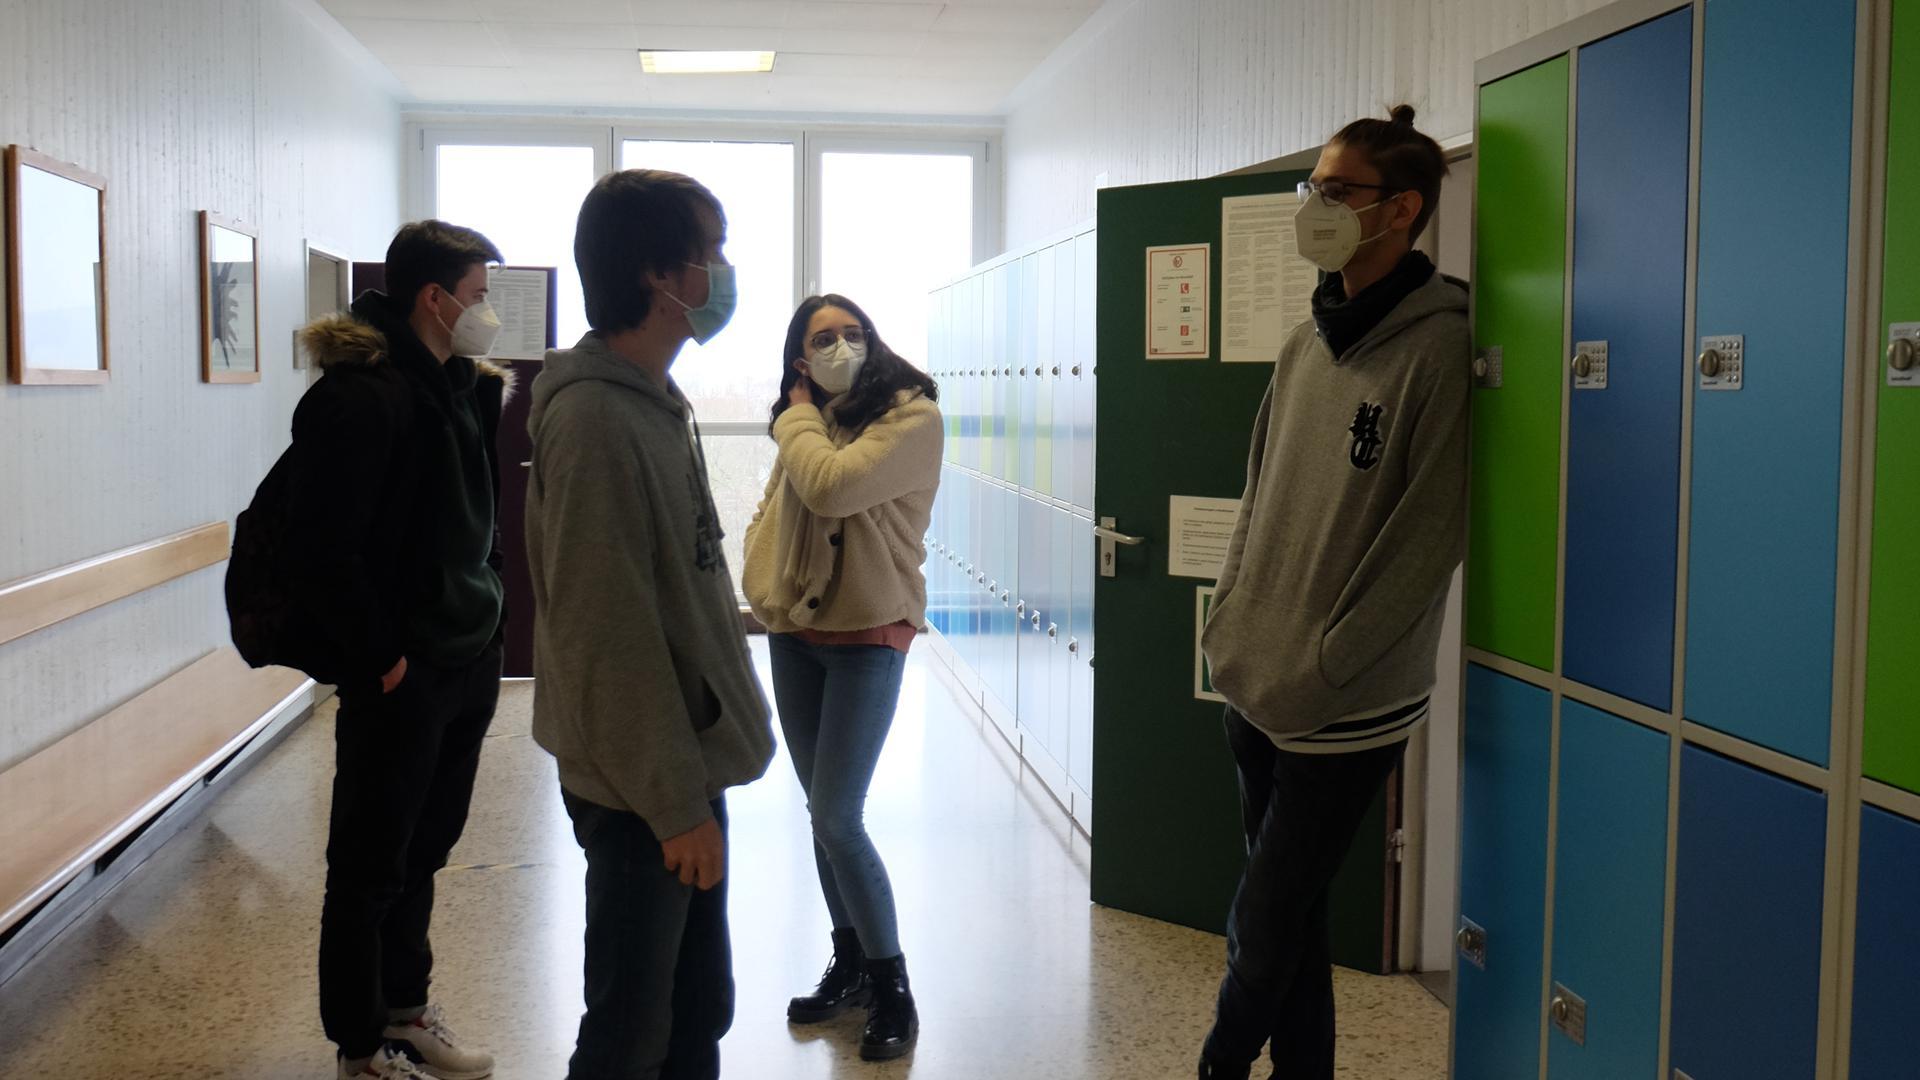 Schüler des Abiturjahrgangs am Melanchthon-Gymnasium in Bretten wechseln während der Pausen ihre Klassenzimmer.